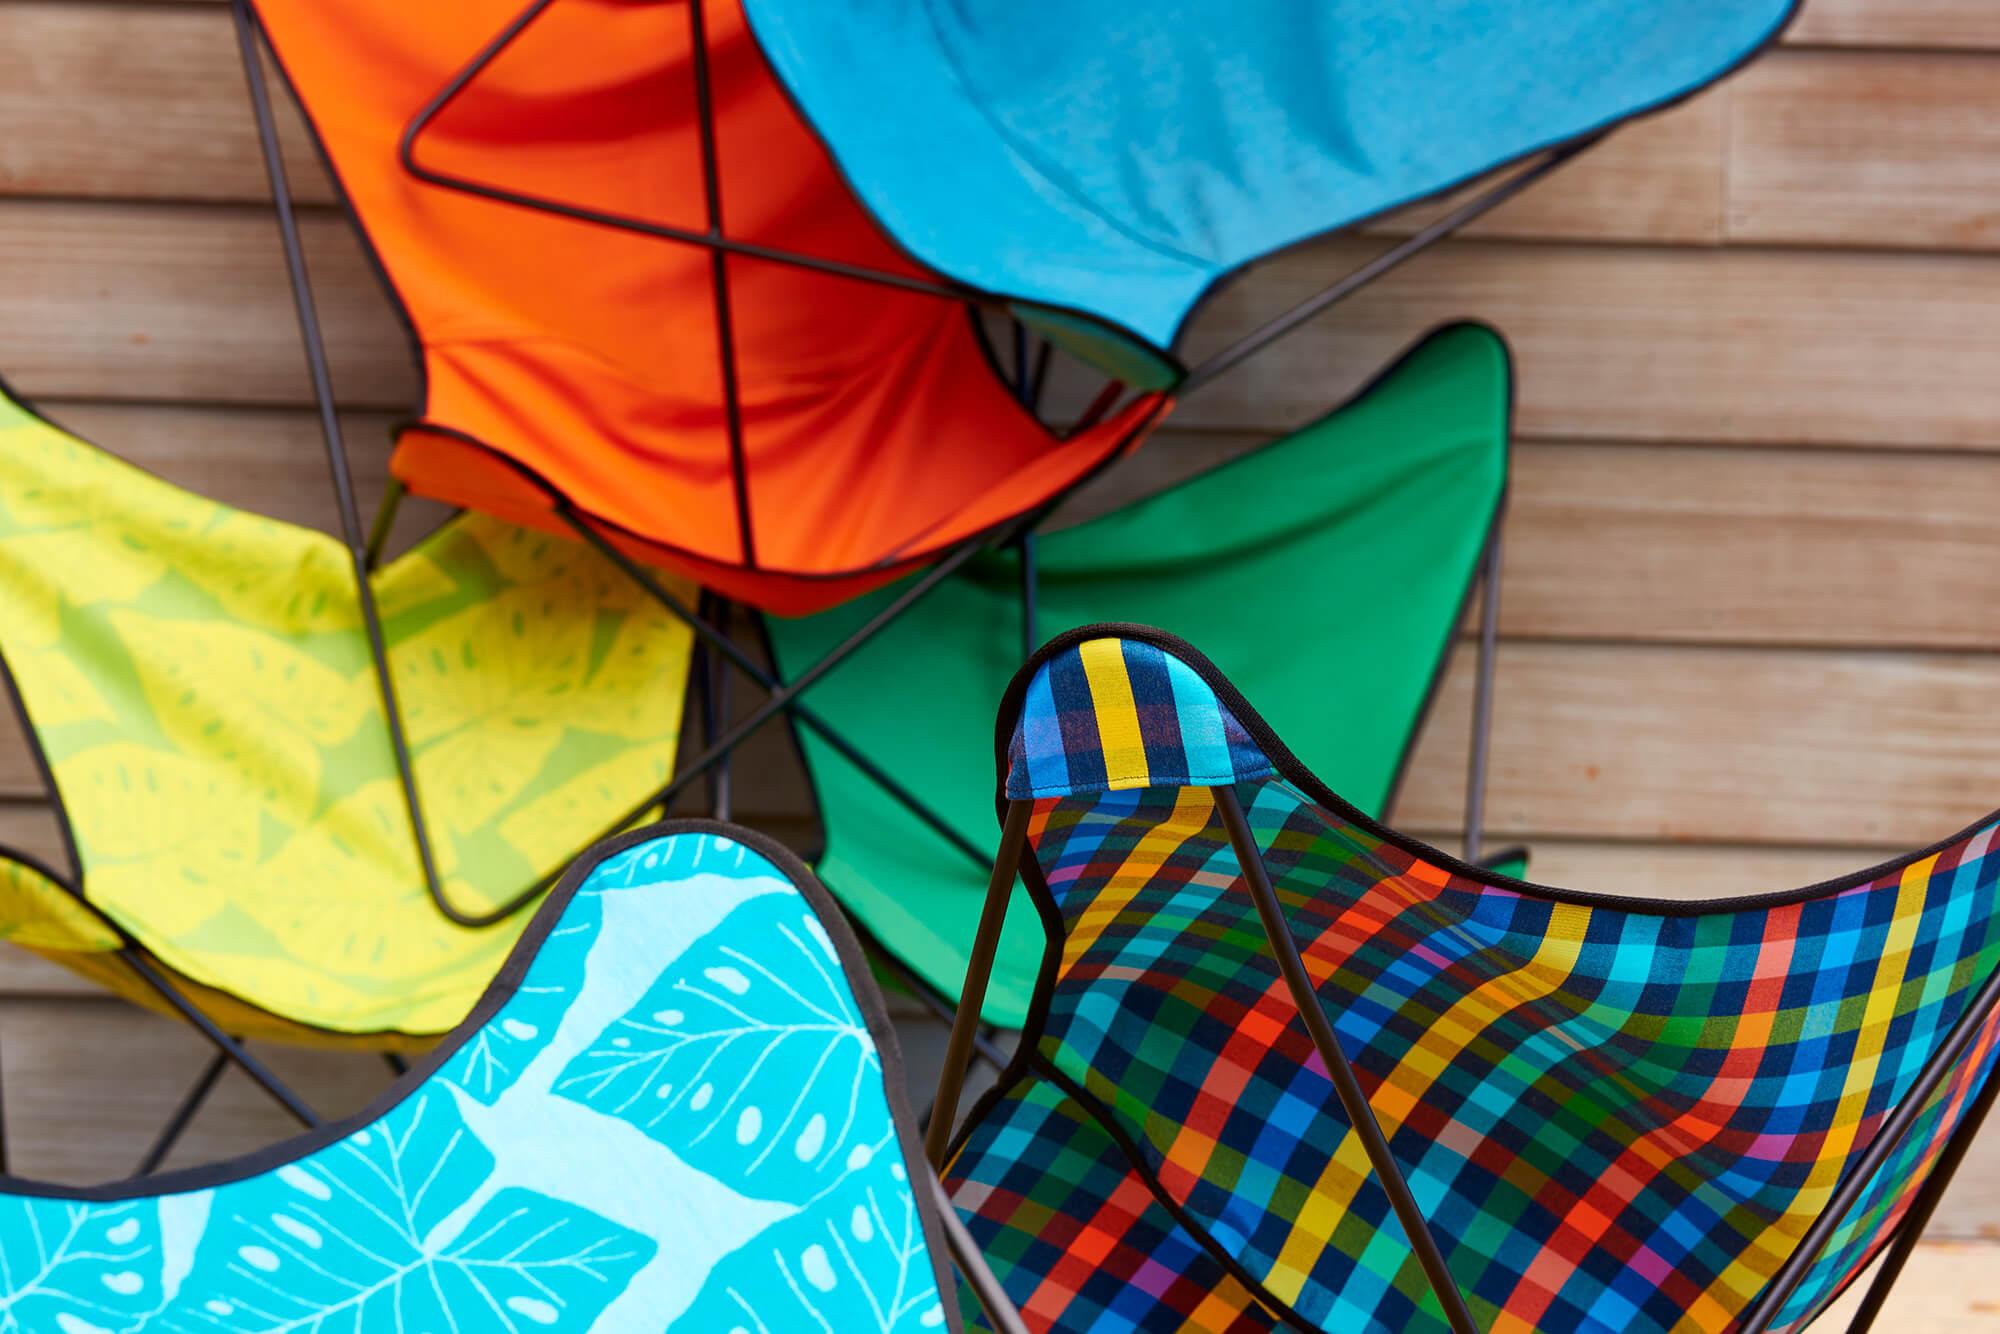 Cận cảnh những chiếc ghế hình cánh bướm với các loại vải màu sắc rực rỡ từ bộ sưu tập Sunbrella Shift